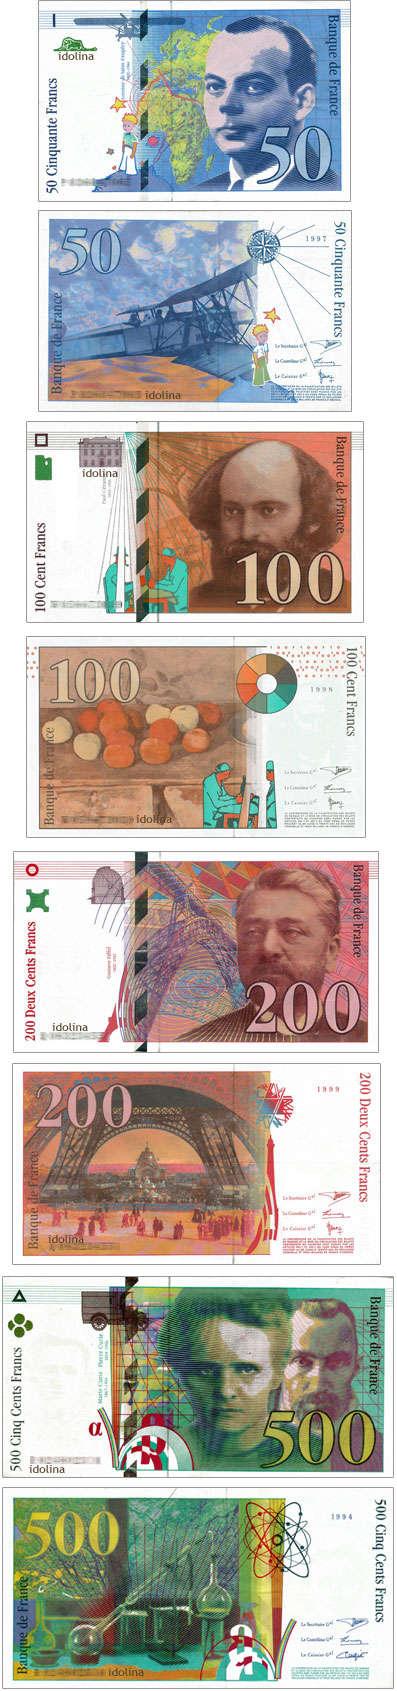 Billets de 50, 100, 200 et 500 francs